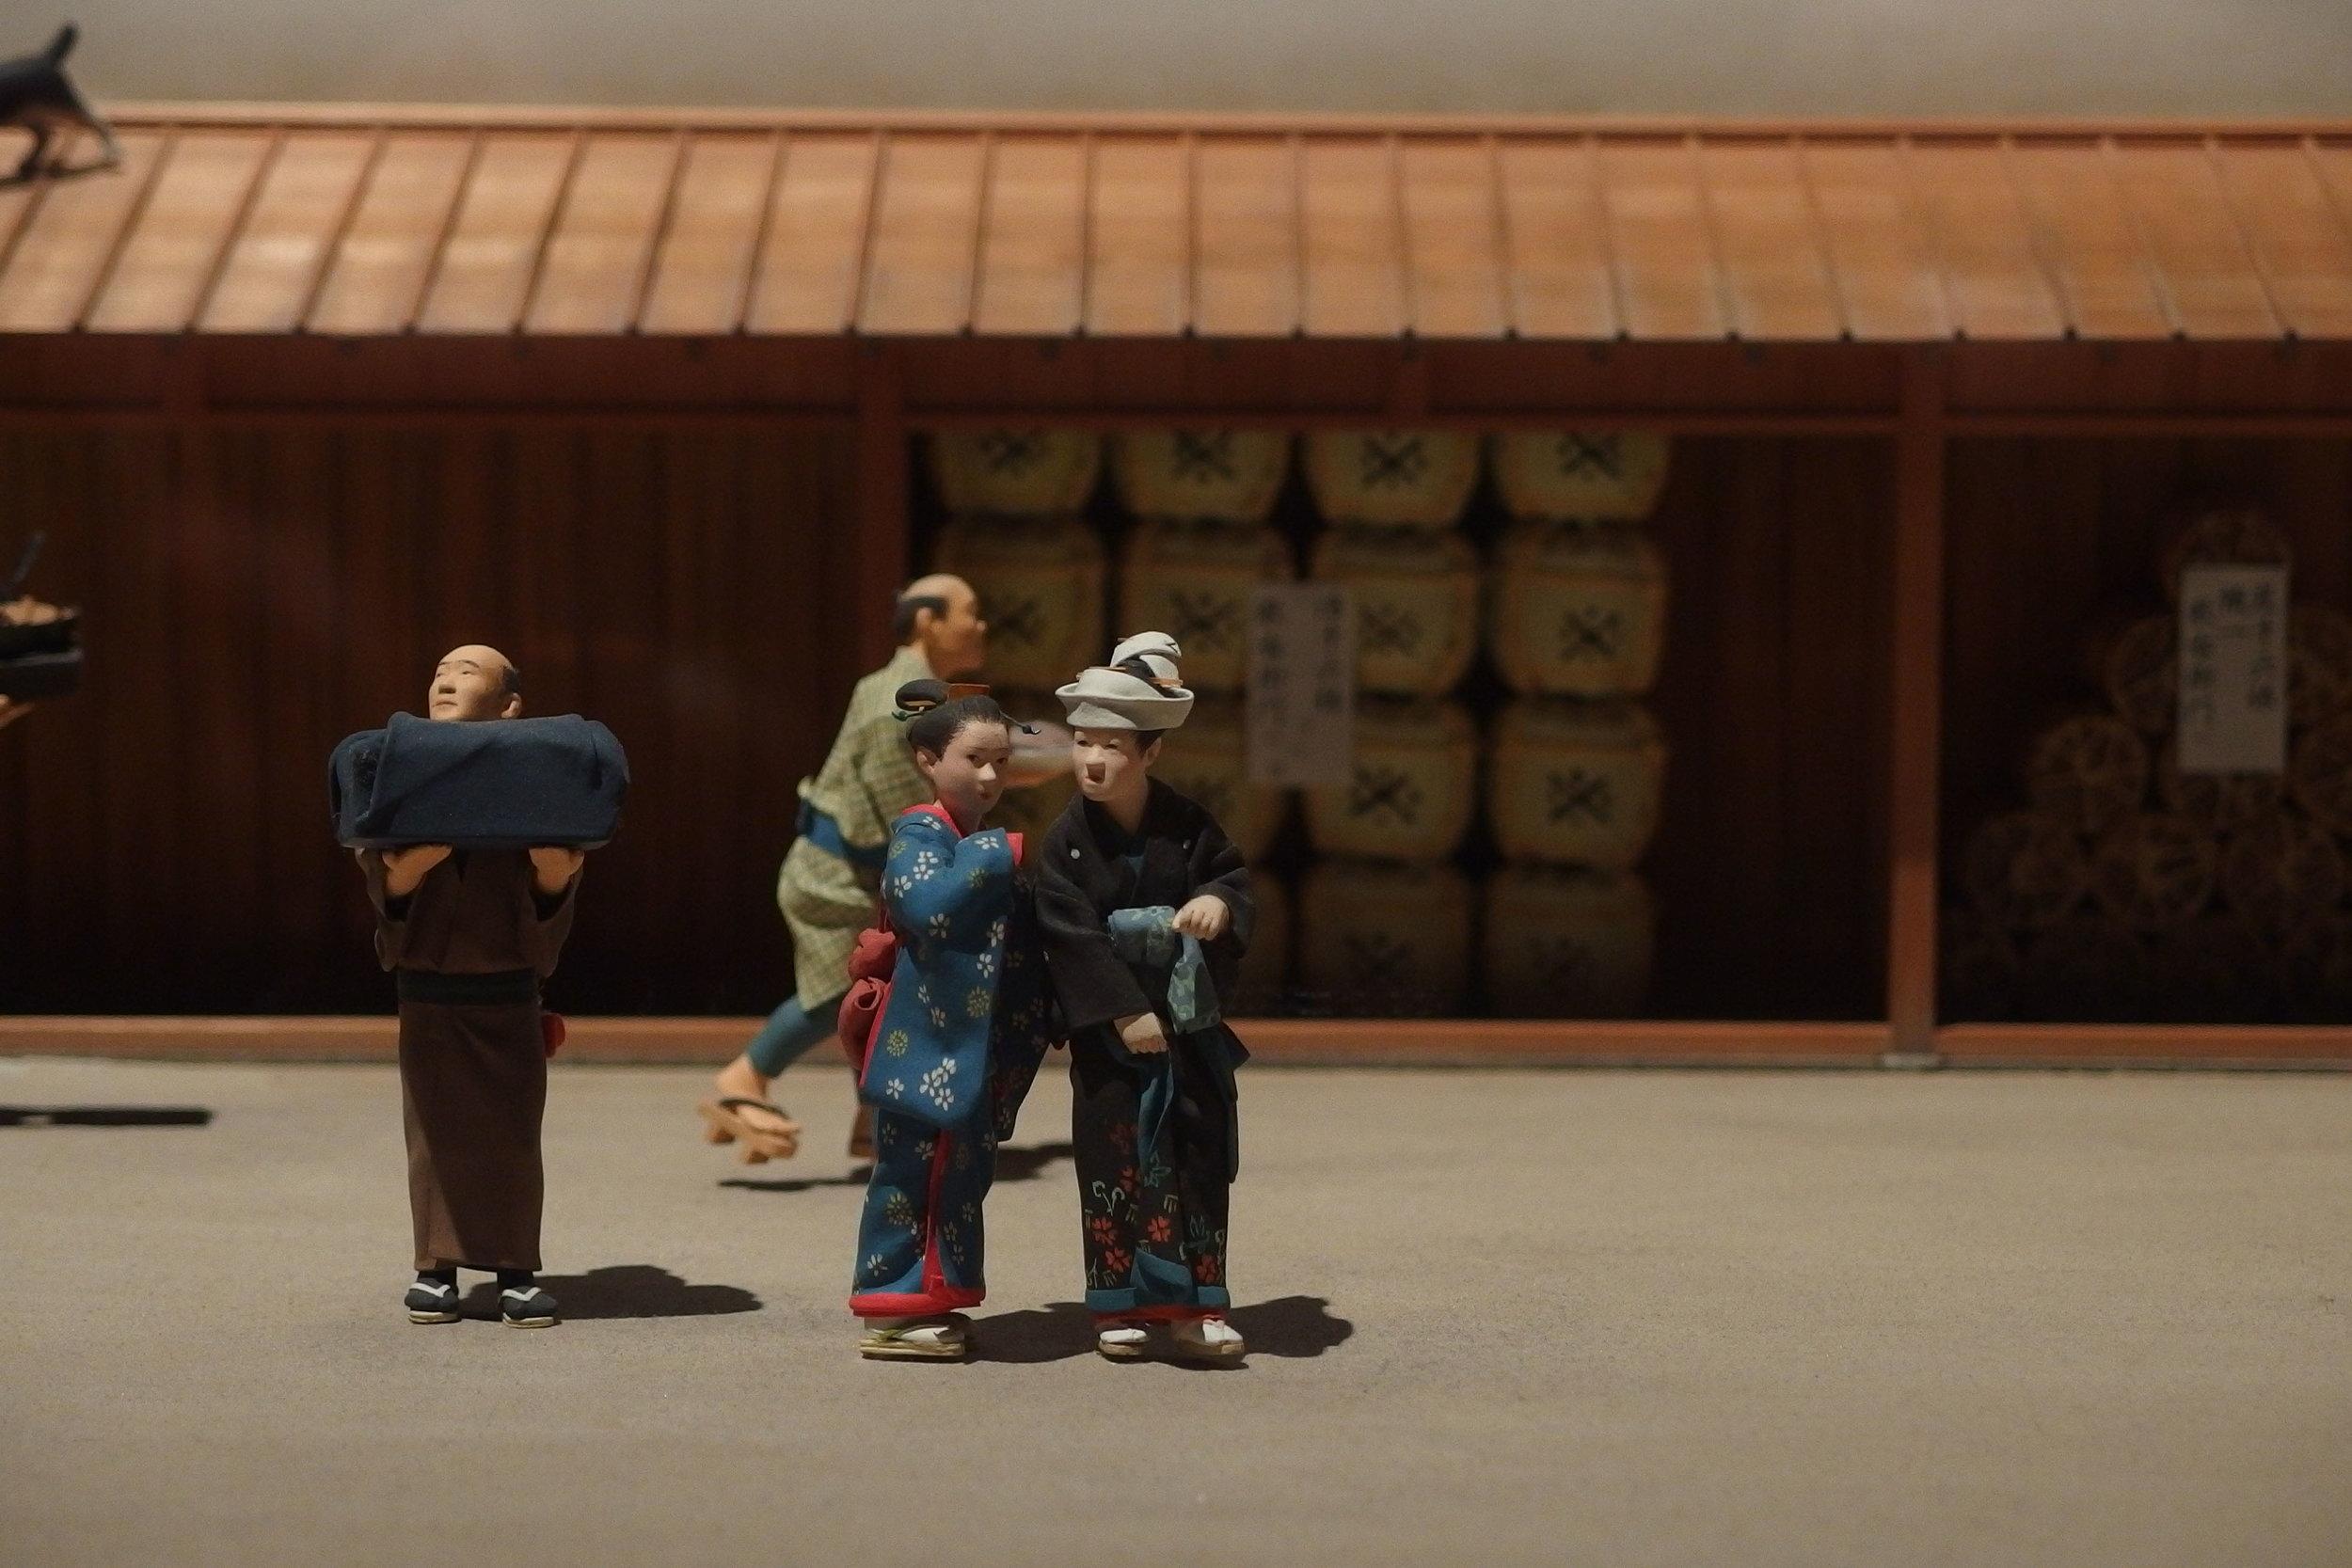 osaka museum of history model figures japanese.jpg